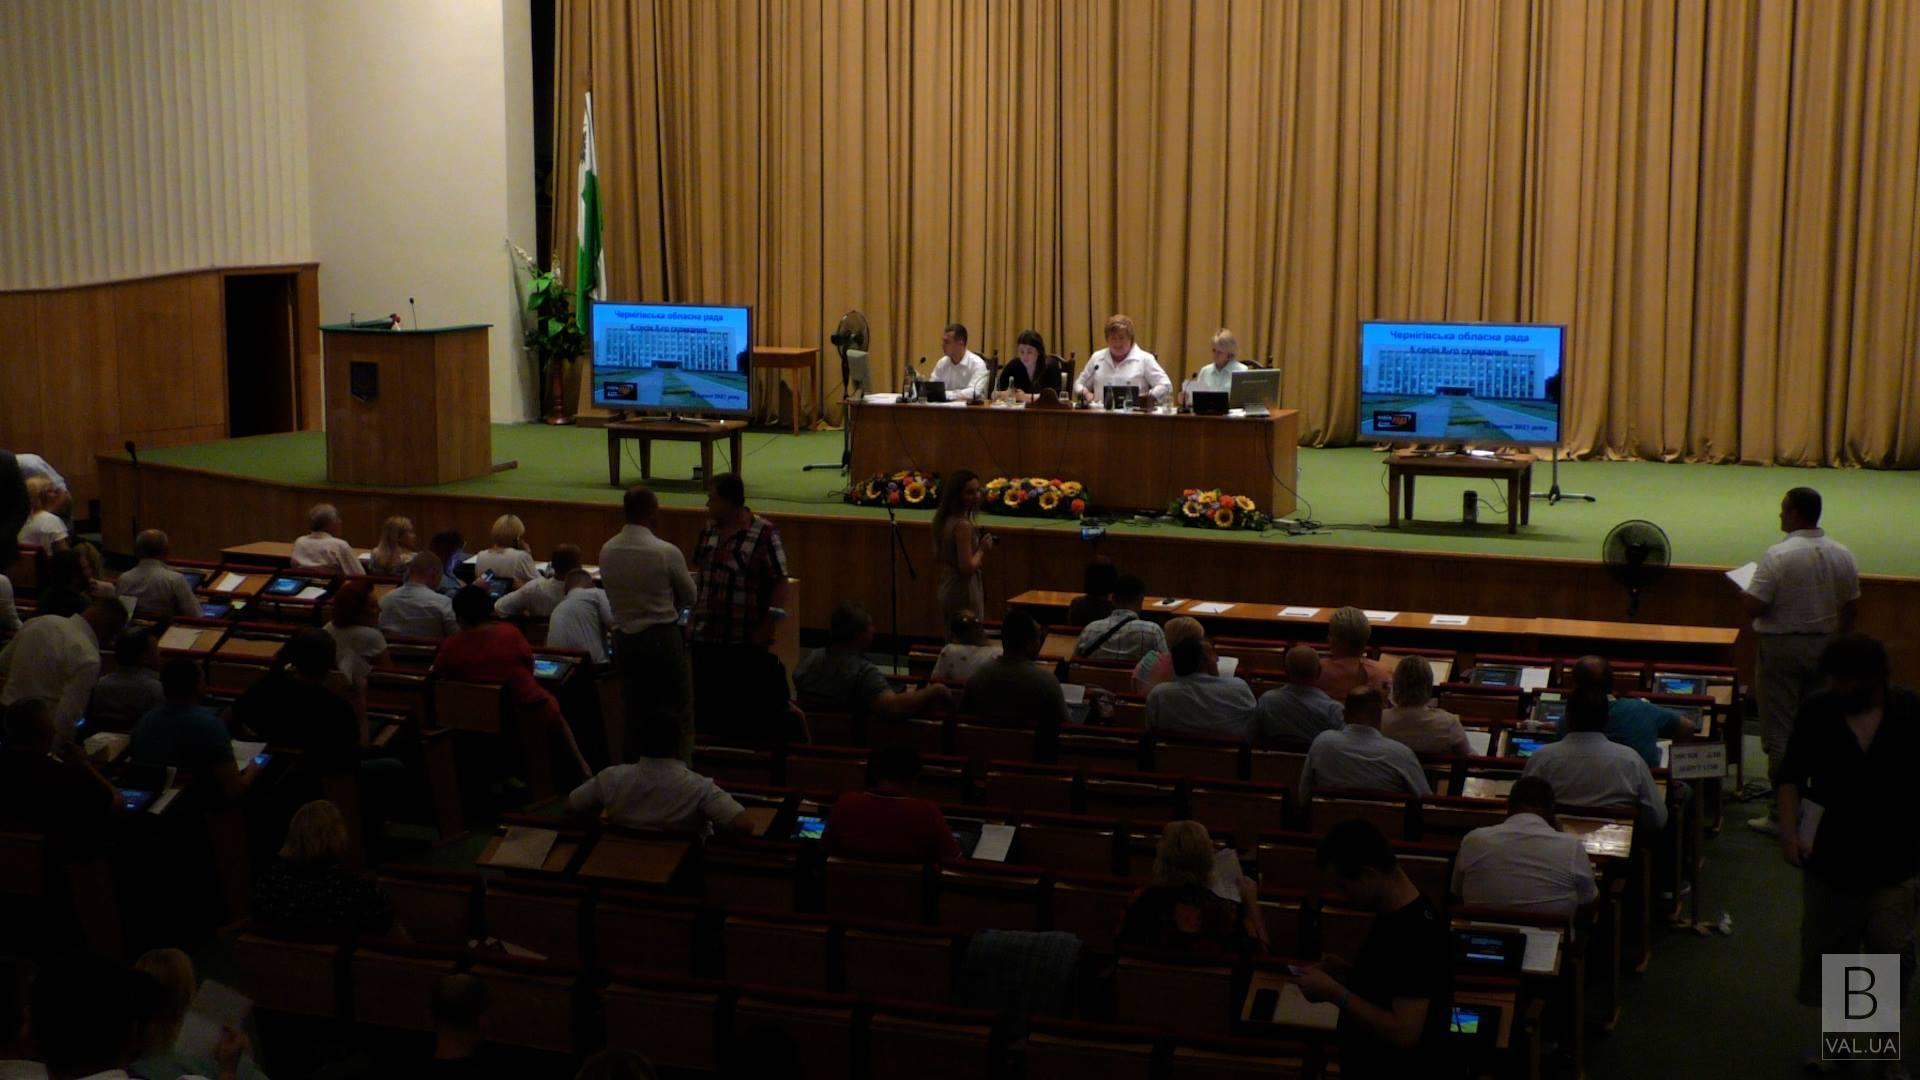 Дірка в бюджеті та передача лісів громадам: ключові питання сесії Чернігівської облради ВІДЕО